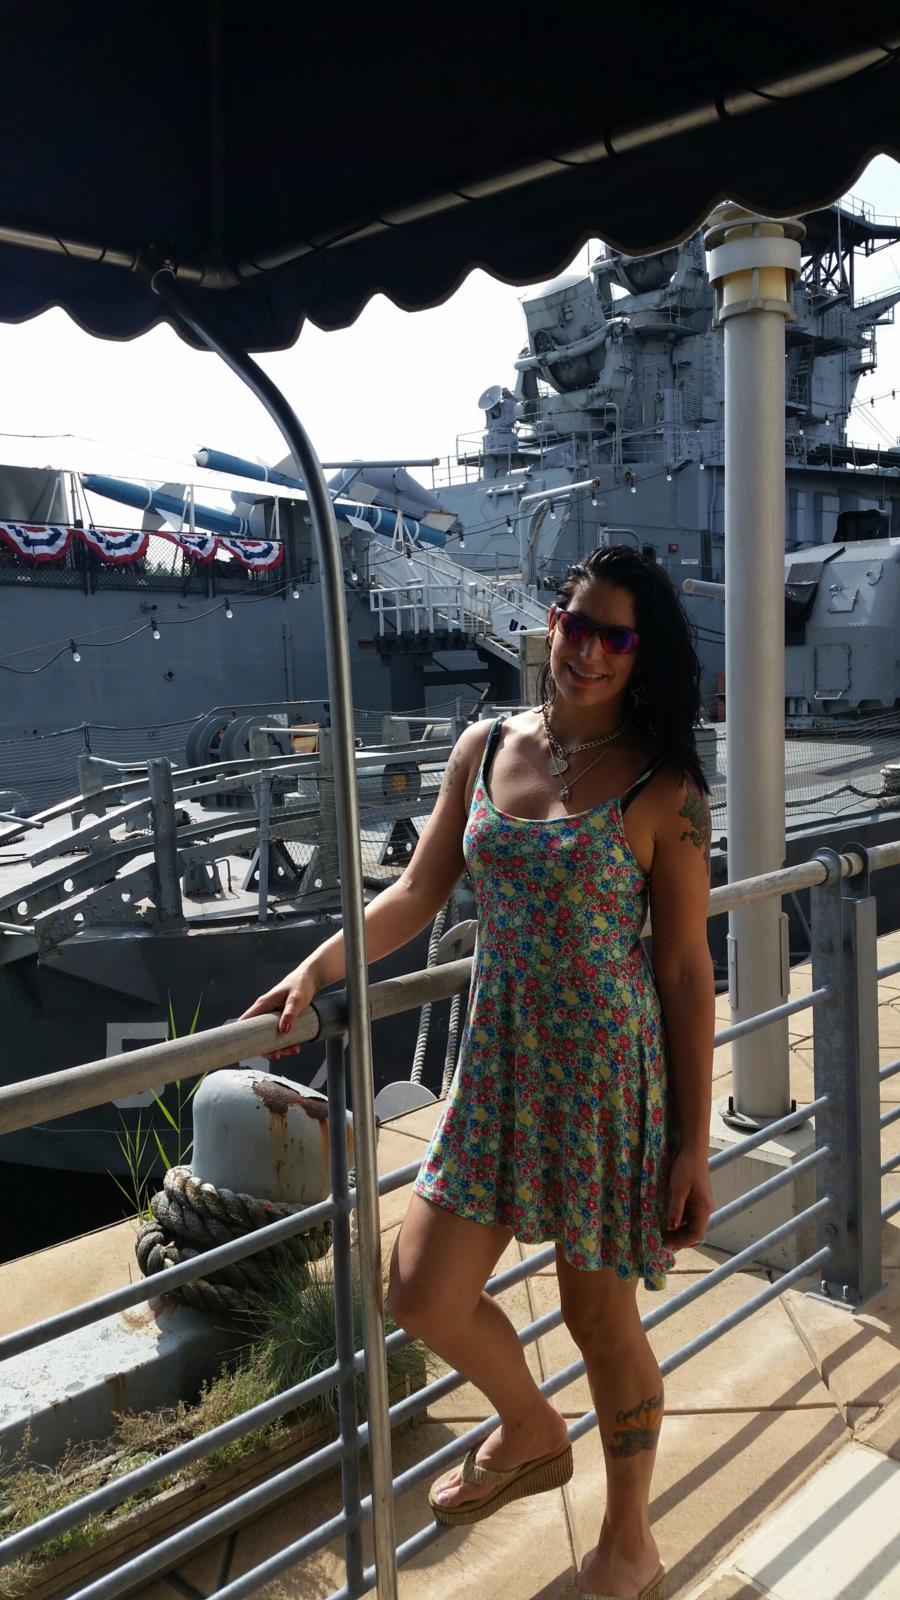 Naval yard, buffalo ny